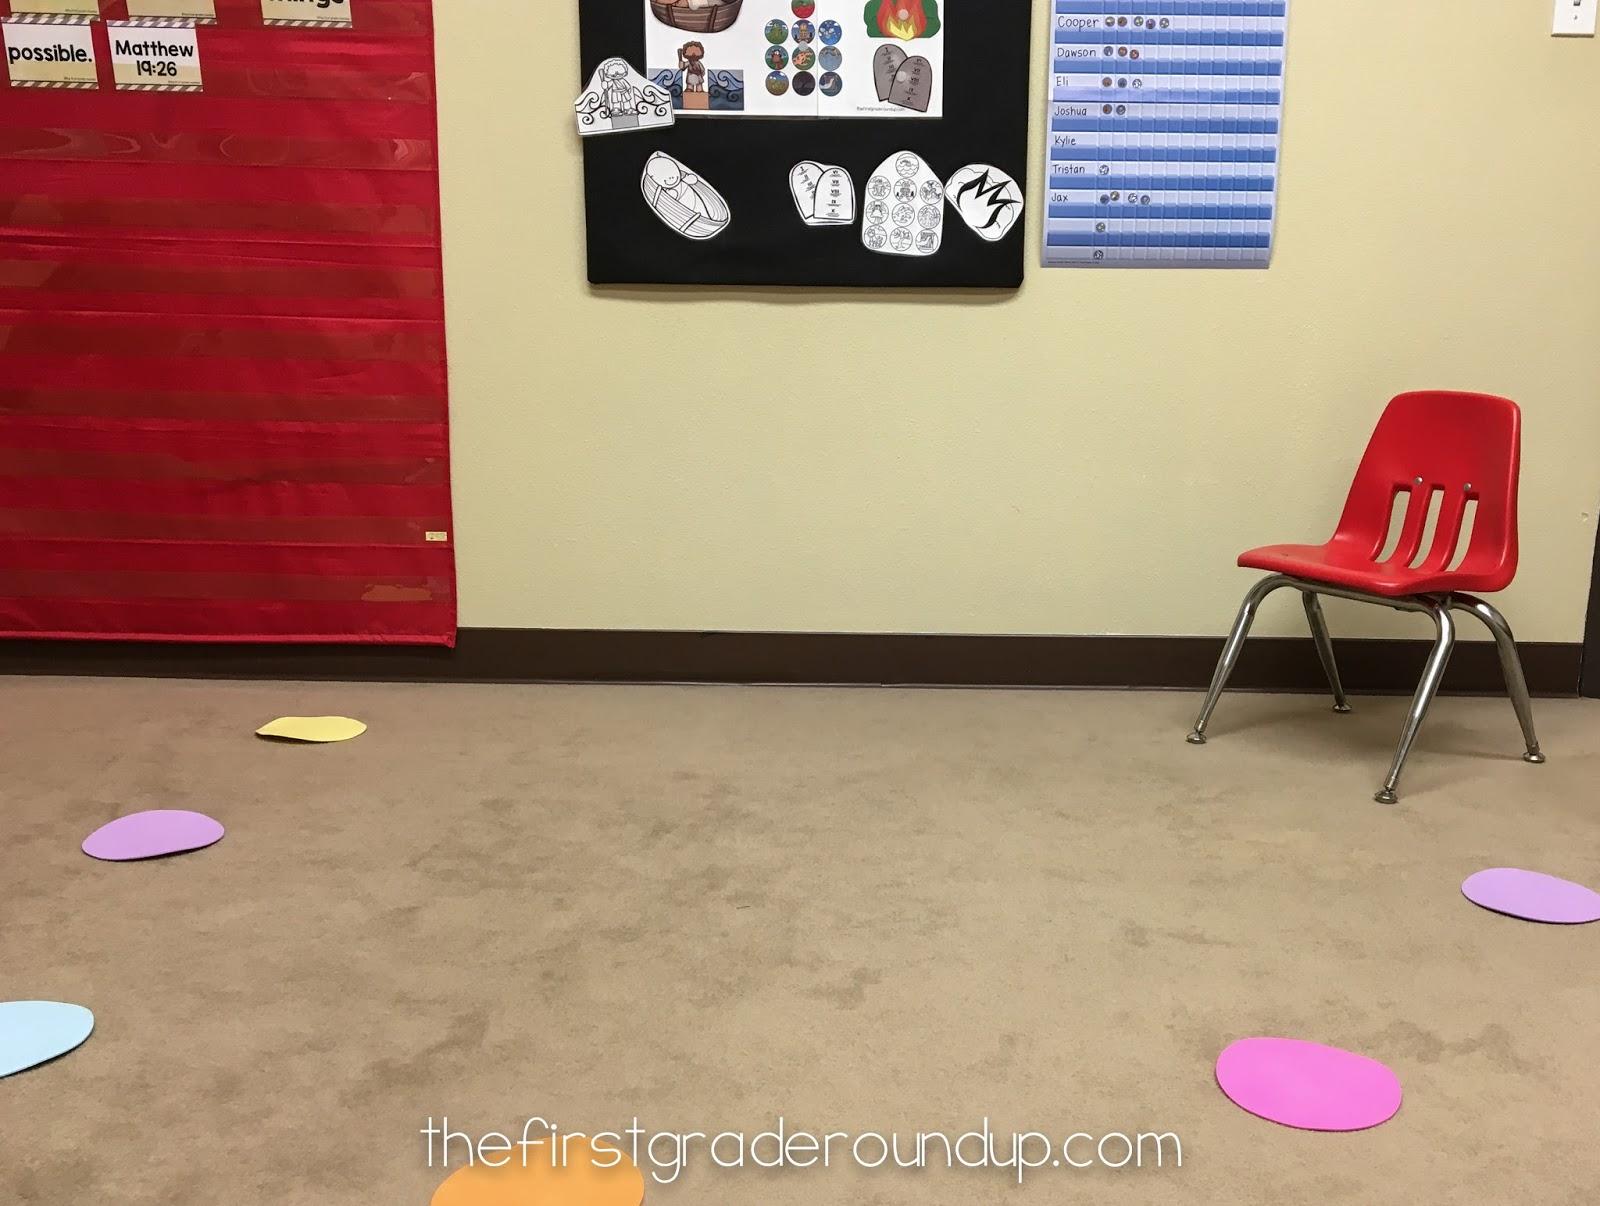 Preschool Sunday School Schedule - Firstgraderoundup